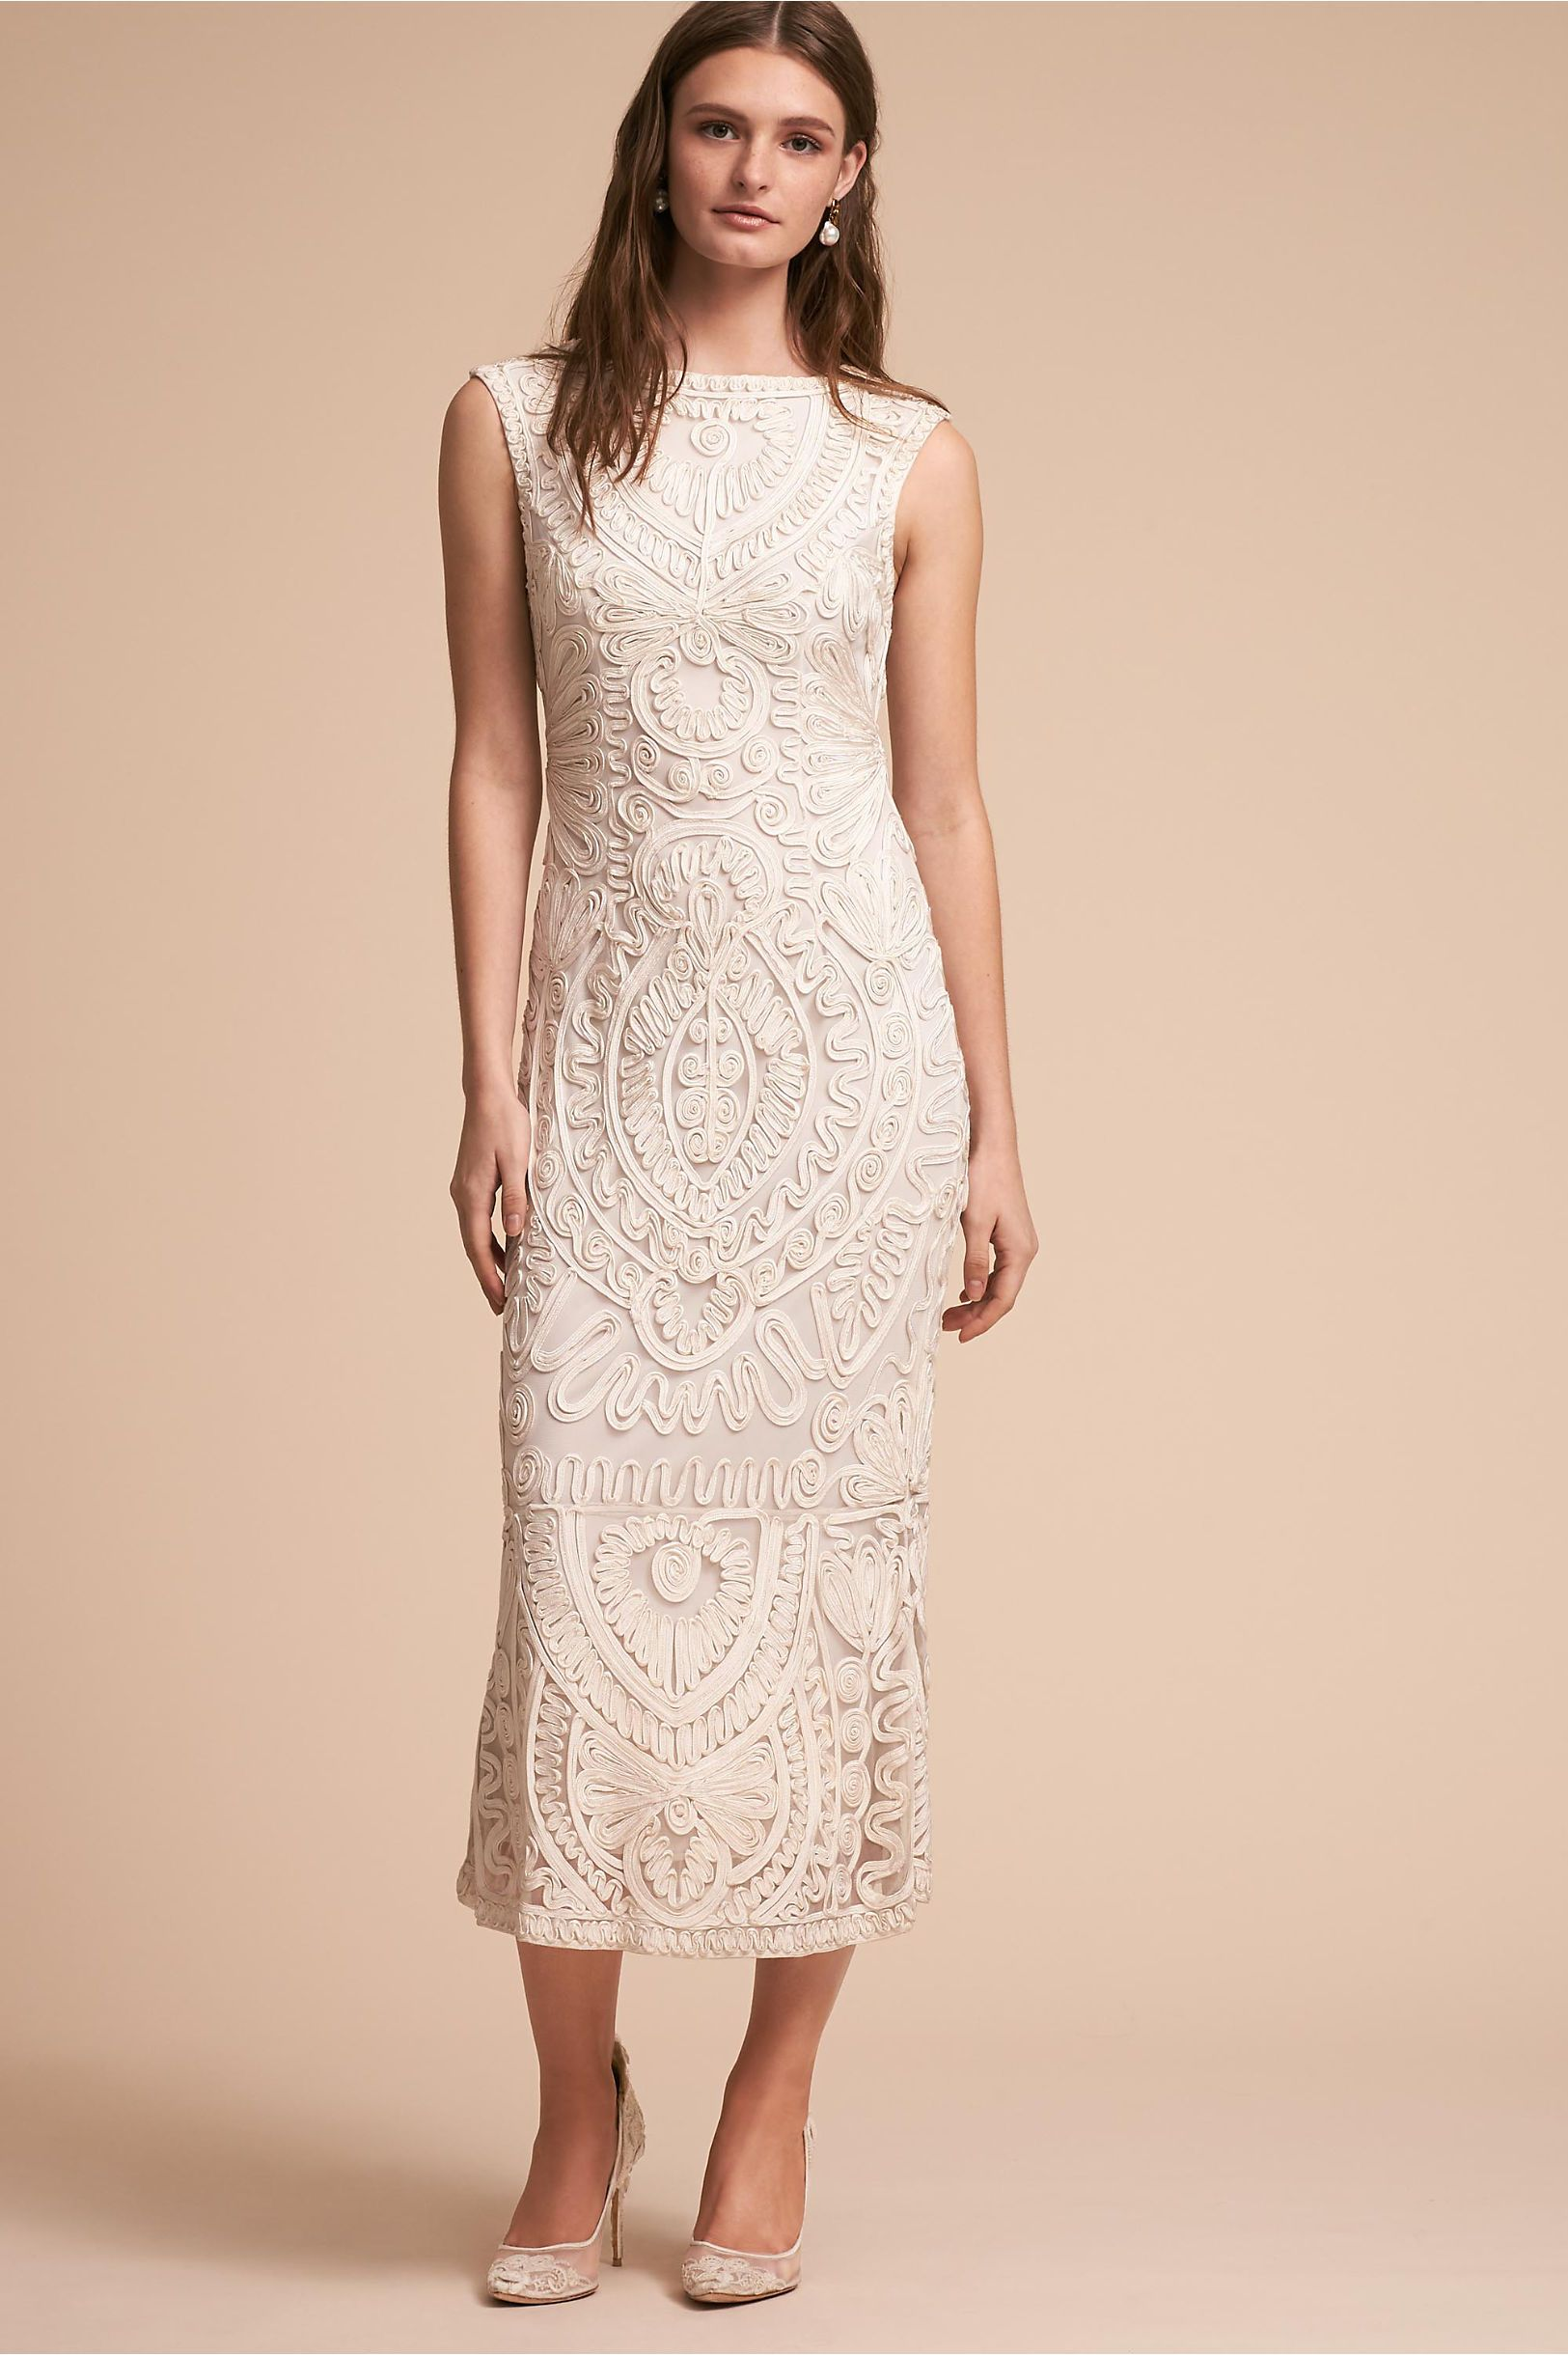 Bhldn nevado dress ivory in occasion dresses bhldn white dresses